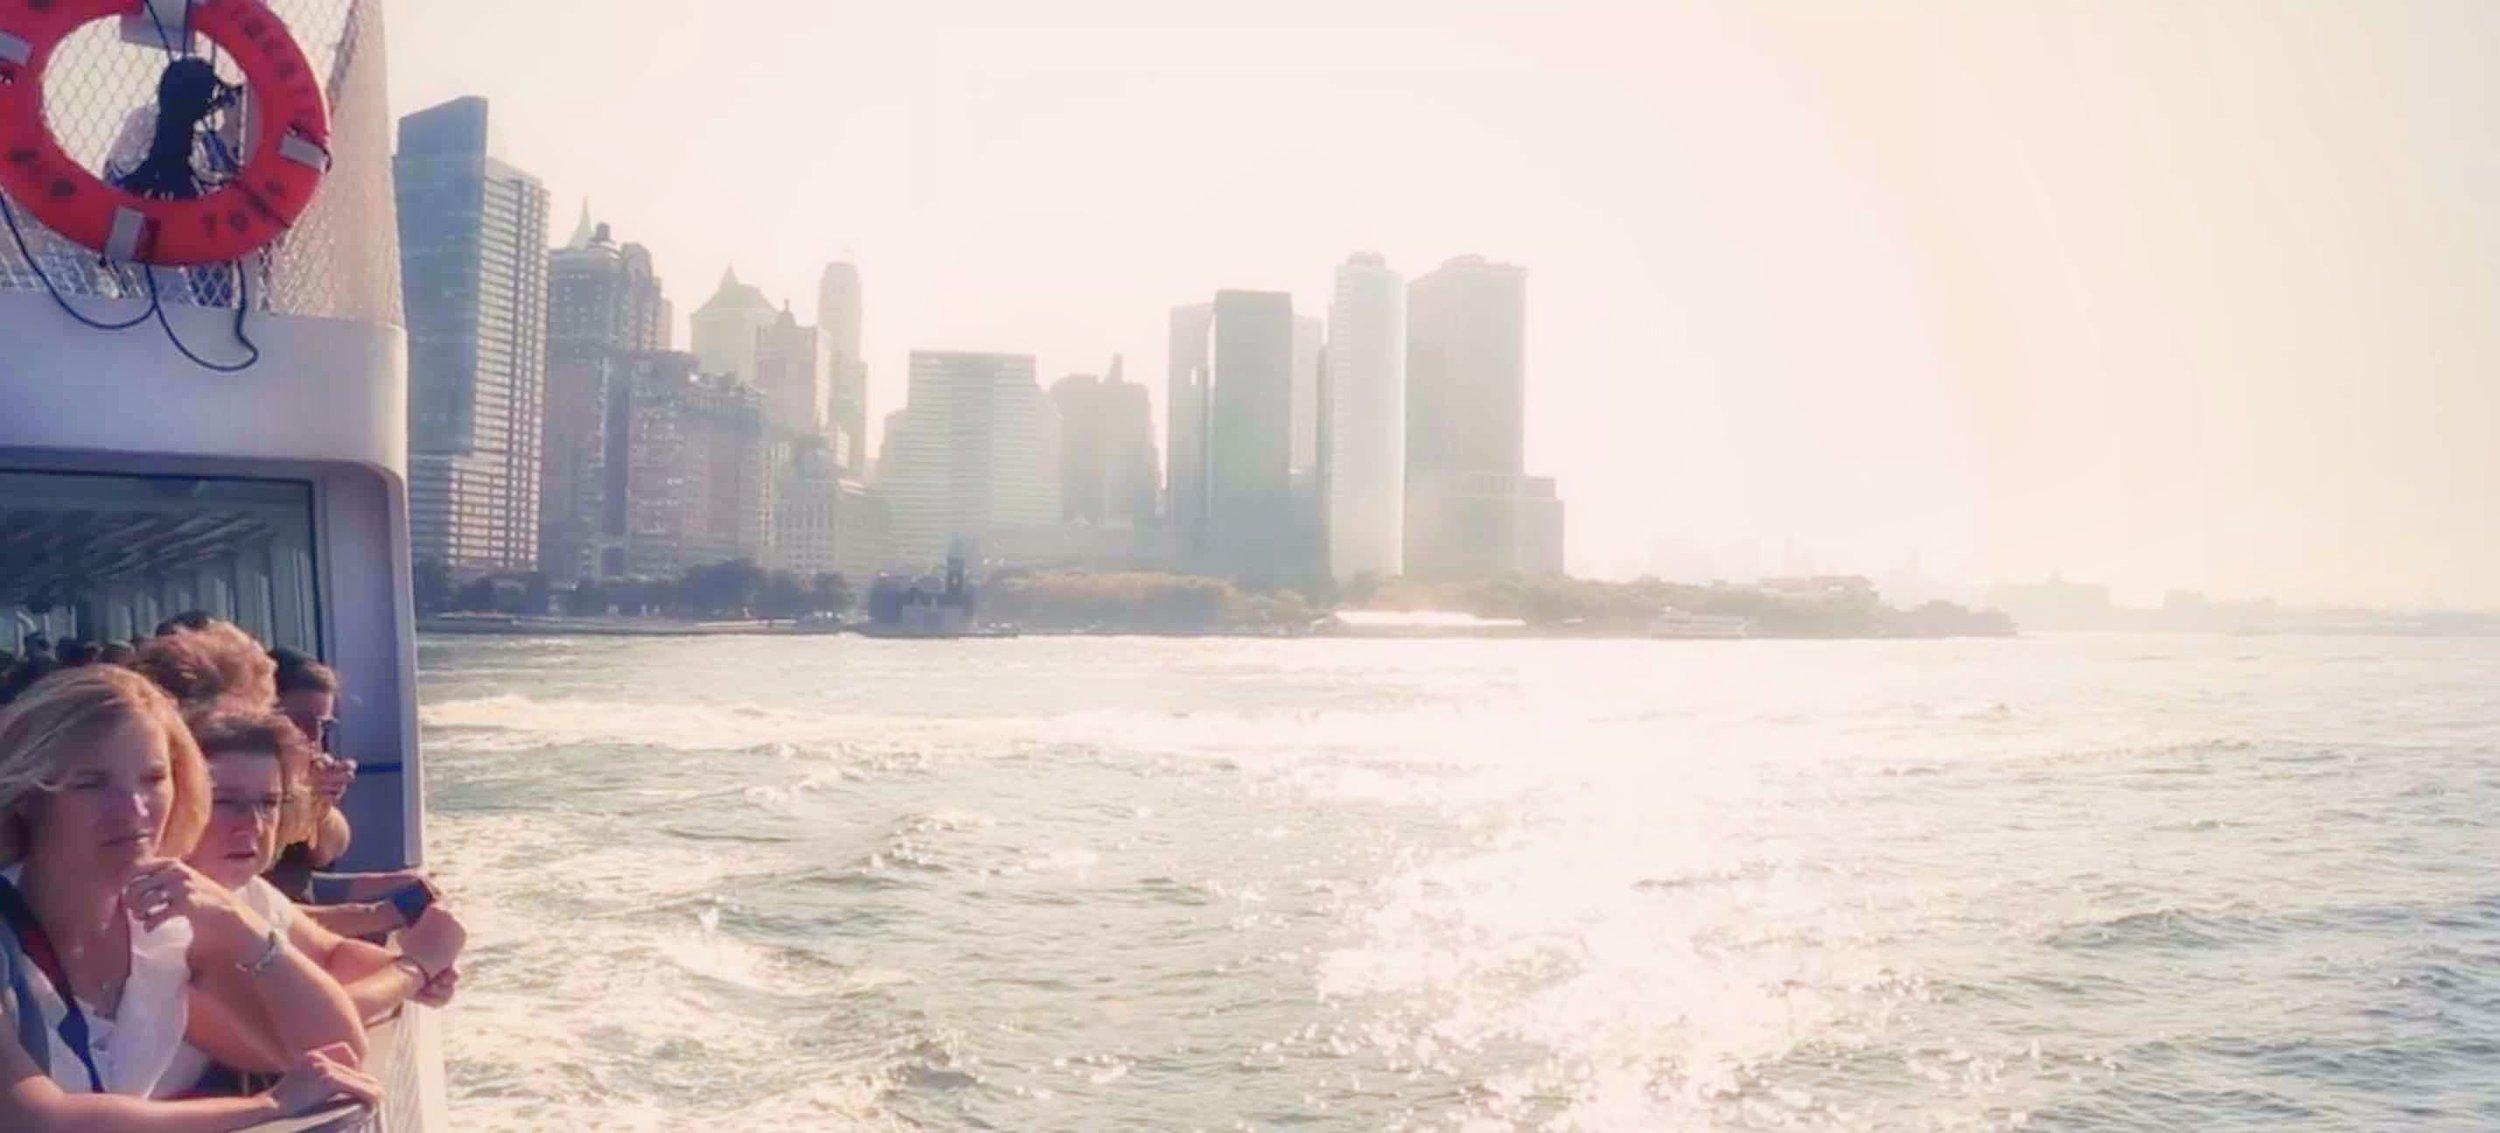 A minute in a Staten Island Ferry ride